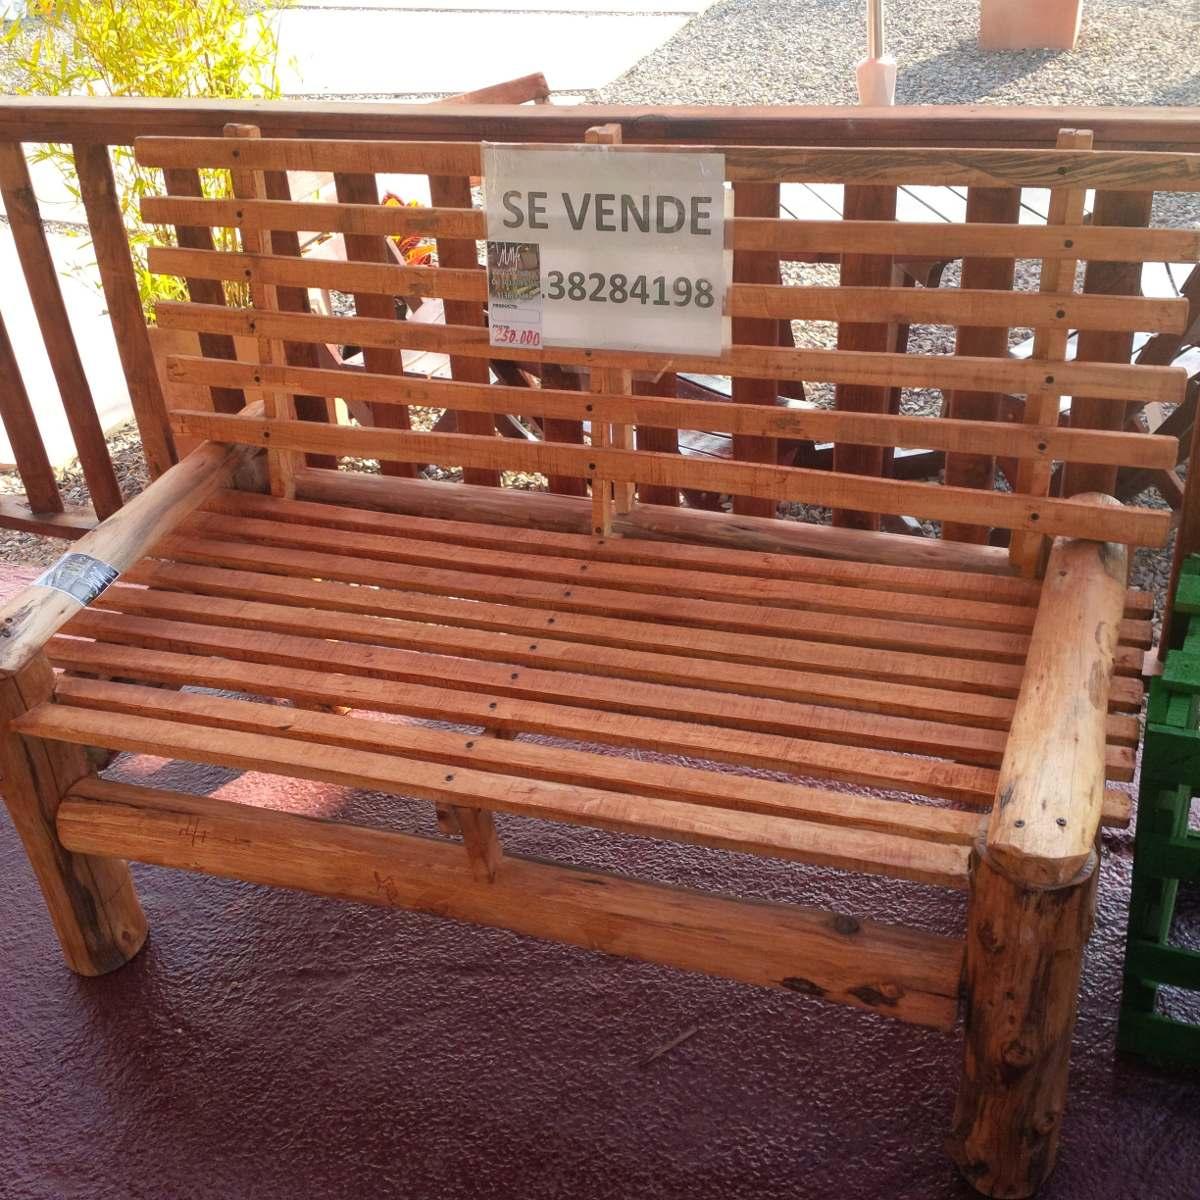 Mesas Y Silla Esca O 100 000 En Mercado Libre # Muebles Rusticos Duitama Boyaca